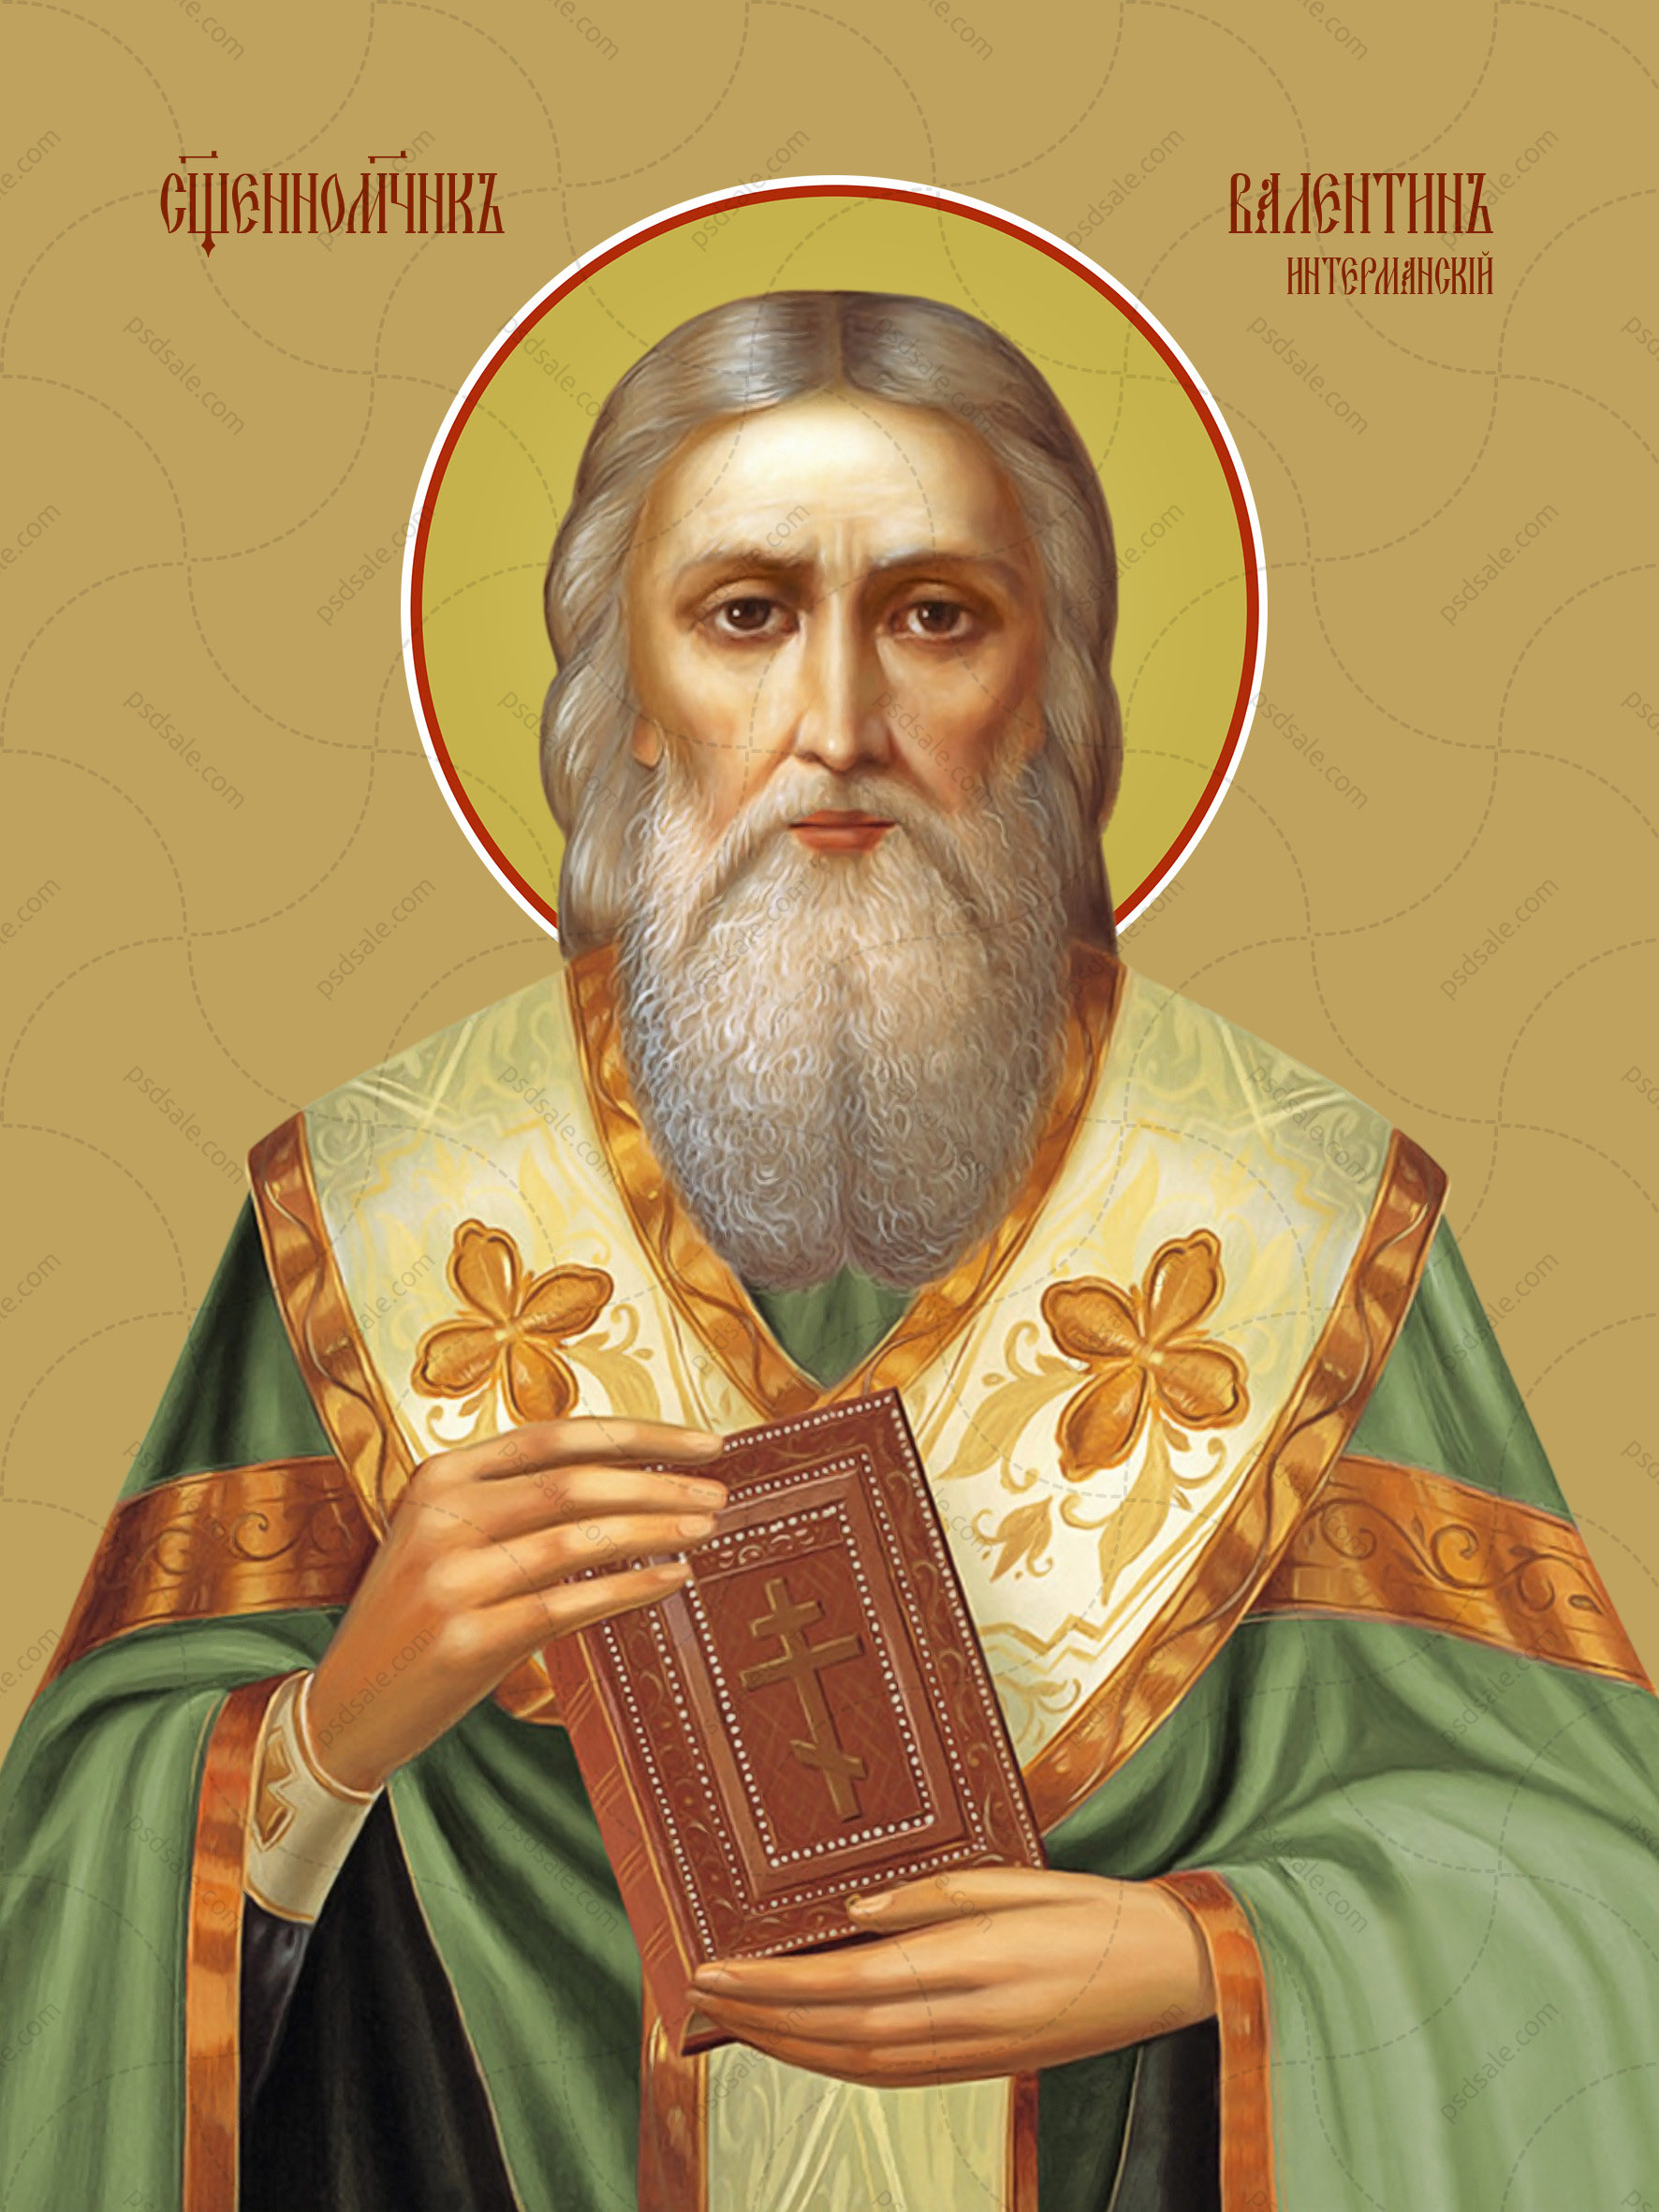 Валентин Интерманский, священномученик